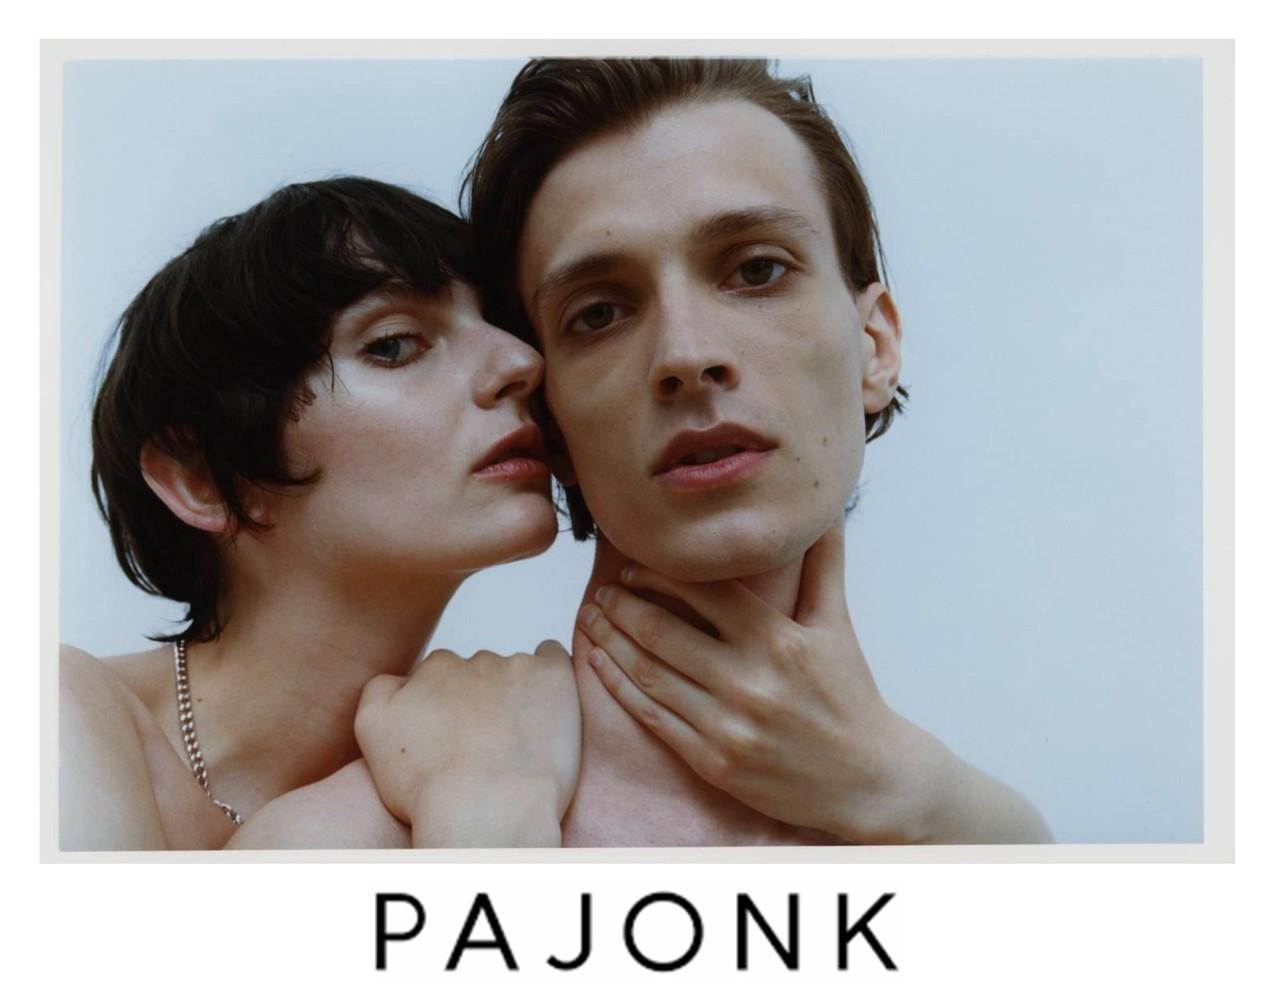 Karol Kozłowski by Yan Wasiuchnik for PAJONK Campaign